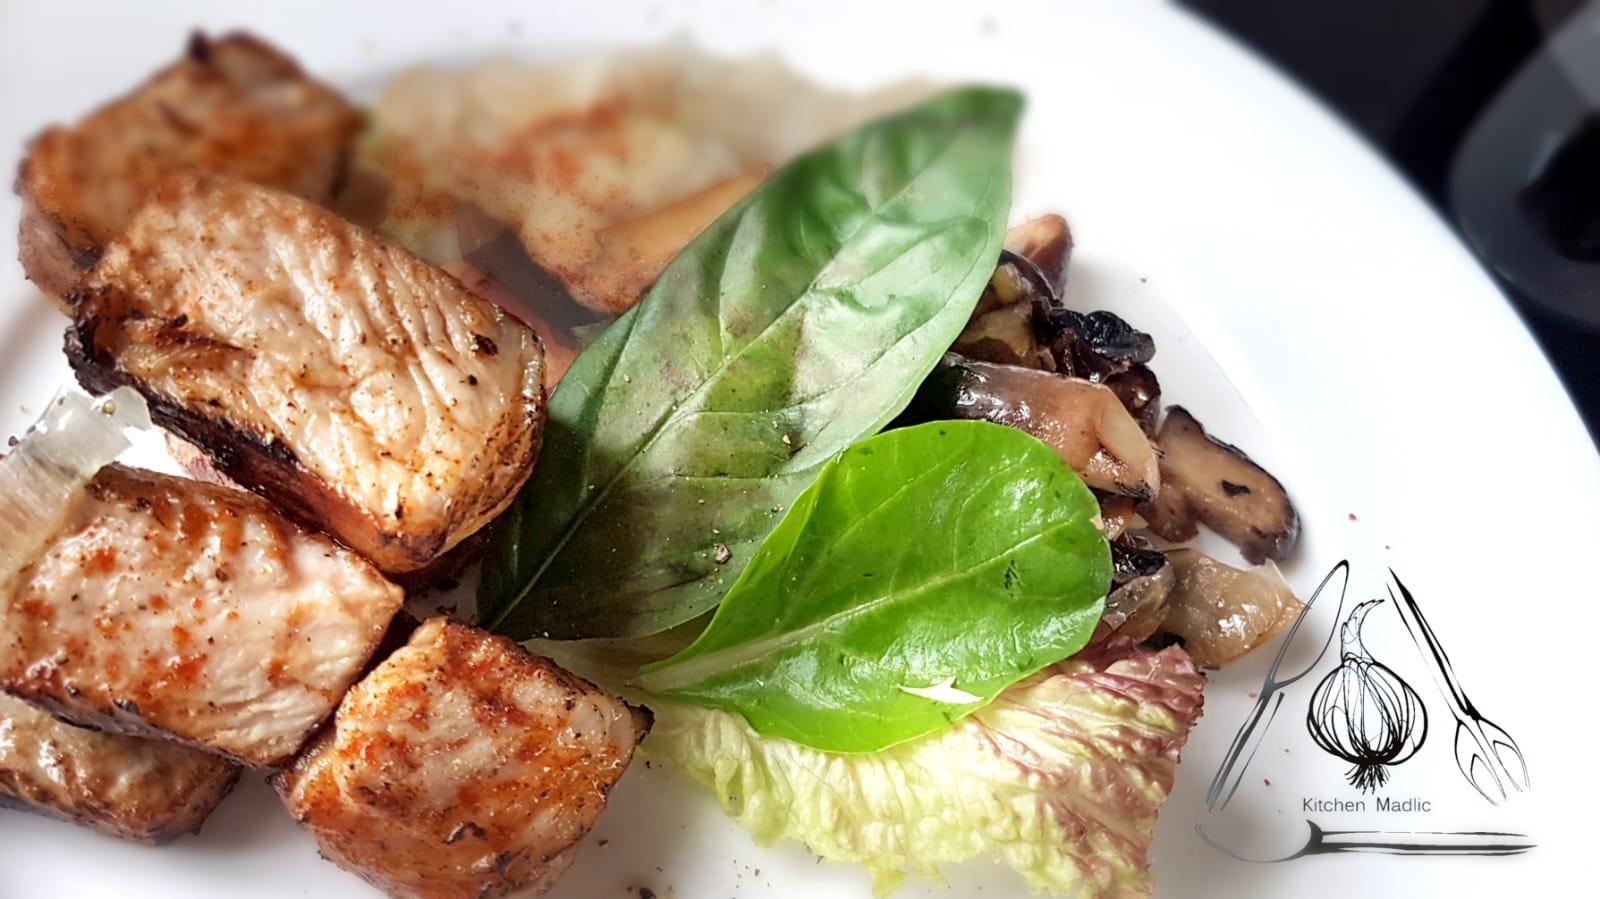 烤焗自家製伊比利豬肉卷配野菌薯蓉。(Kitchen Madlic提供)